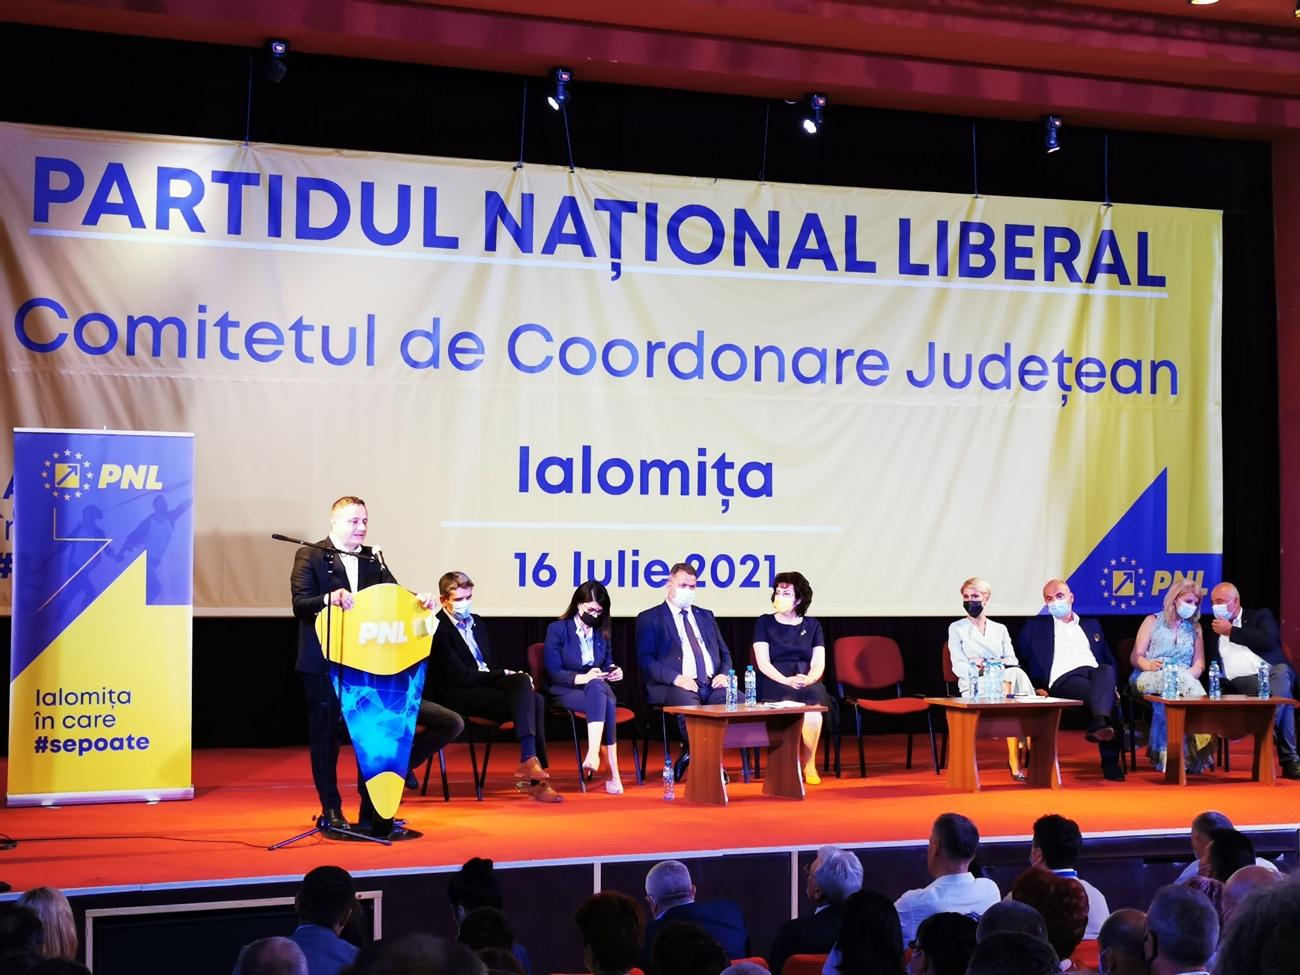 Dragoș Soare este președinte PNL Ialomița. Discursul său a fost decisiv